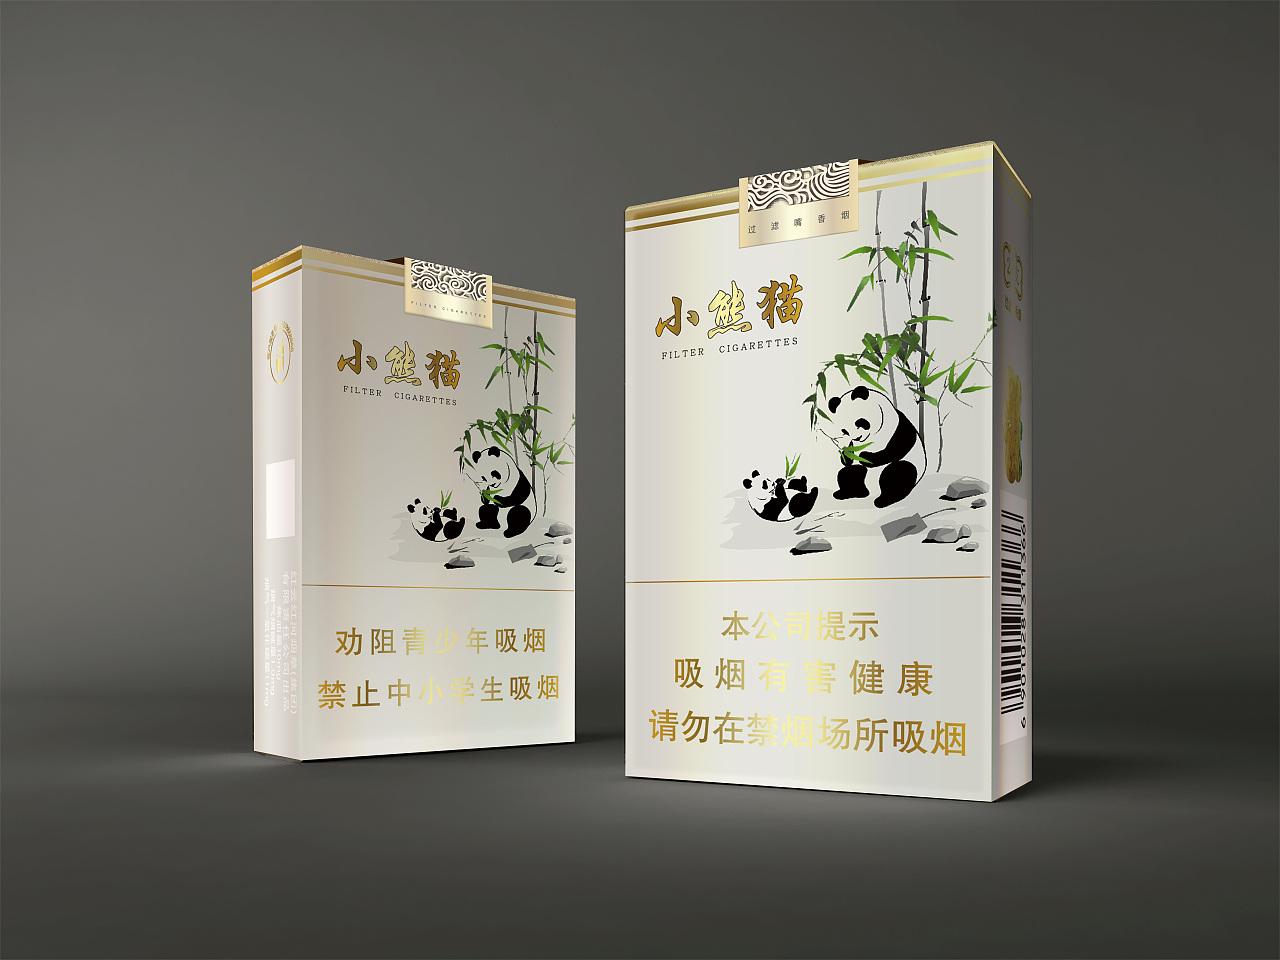 少见的精品好烟--品会泽软绿小熊猫有感 - 大陆产香... - 手机版